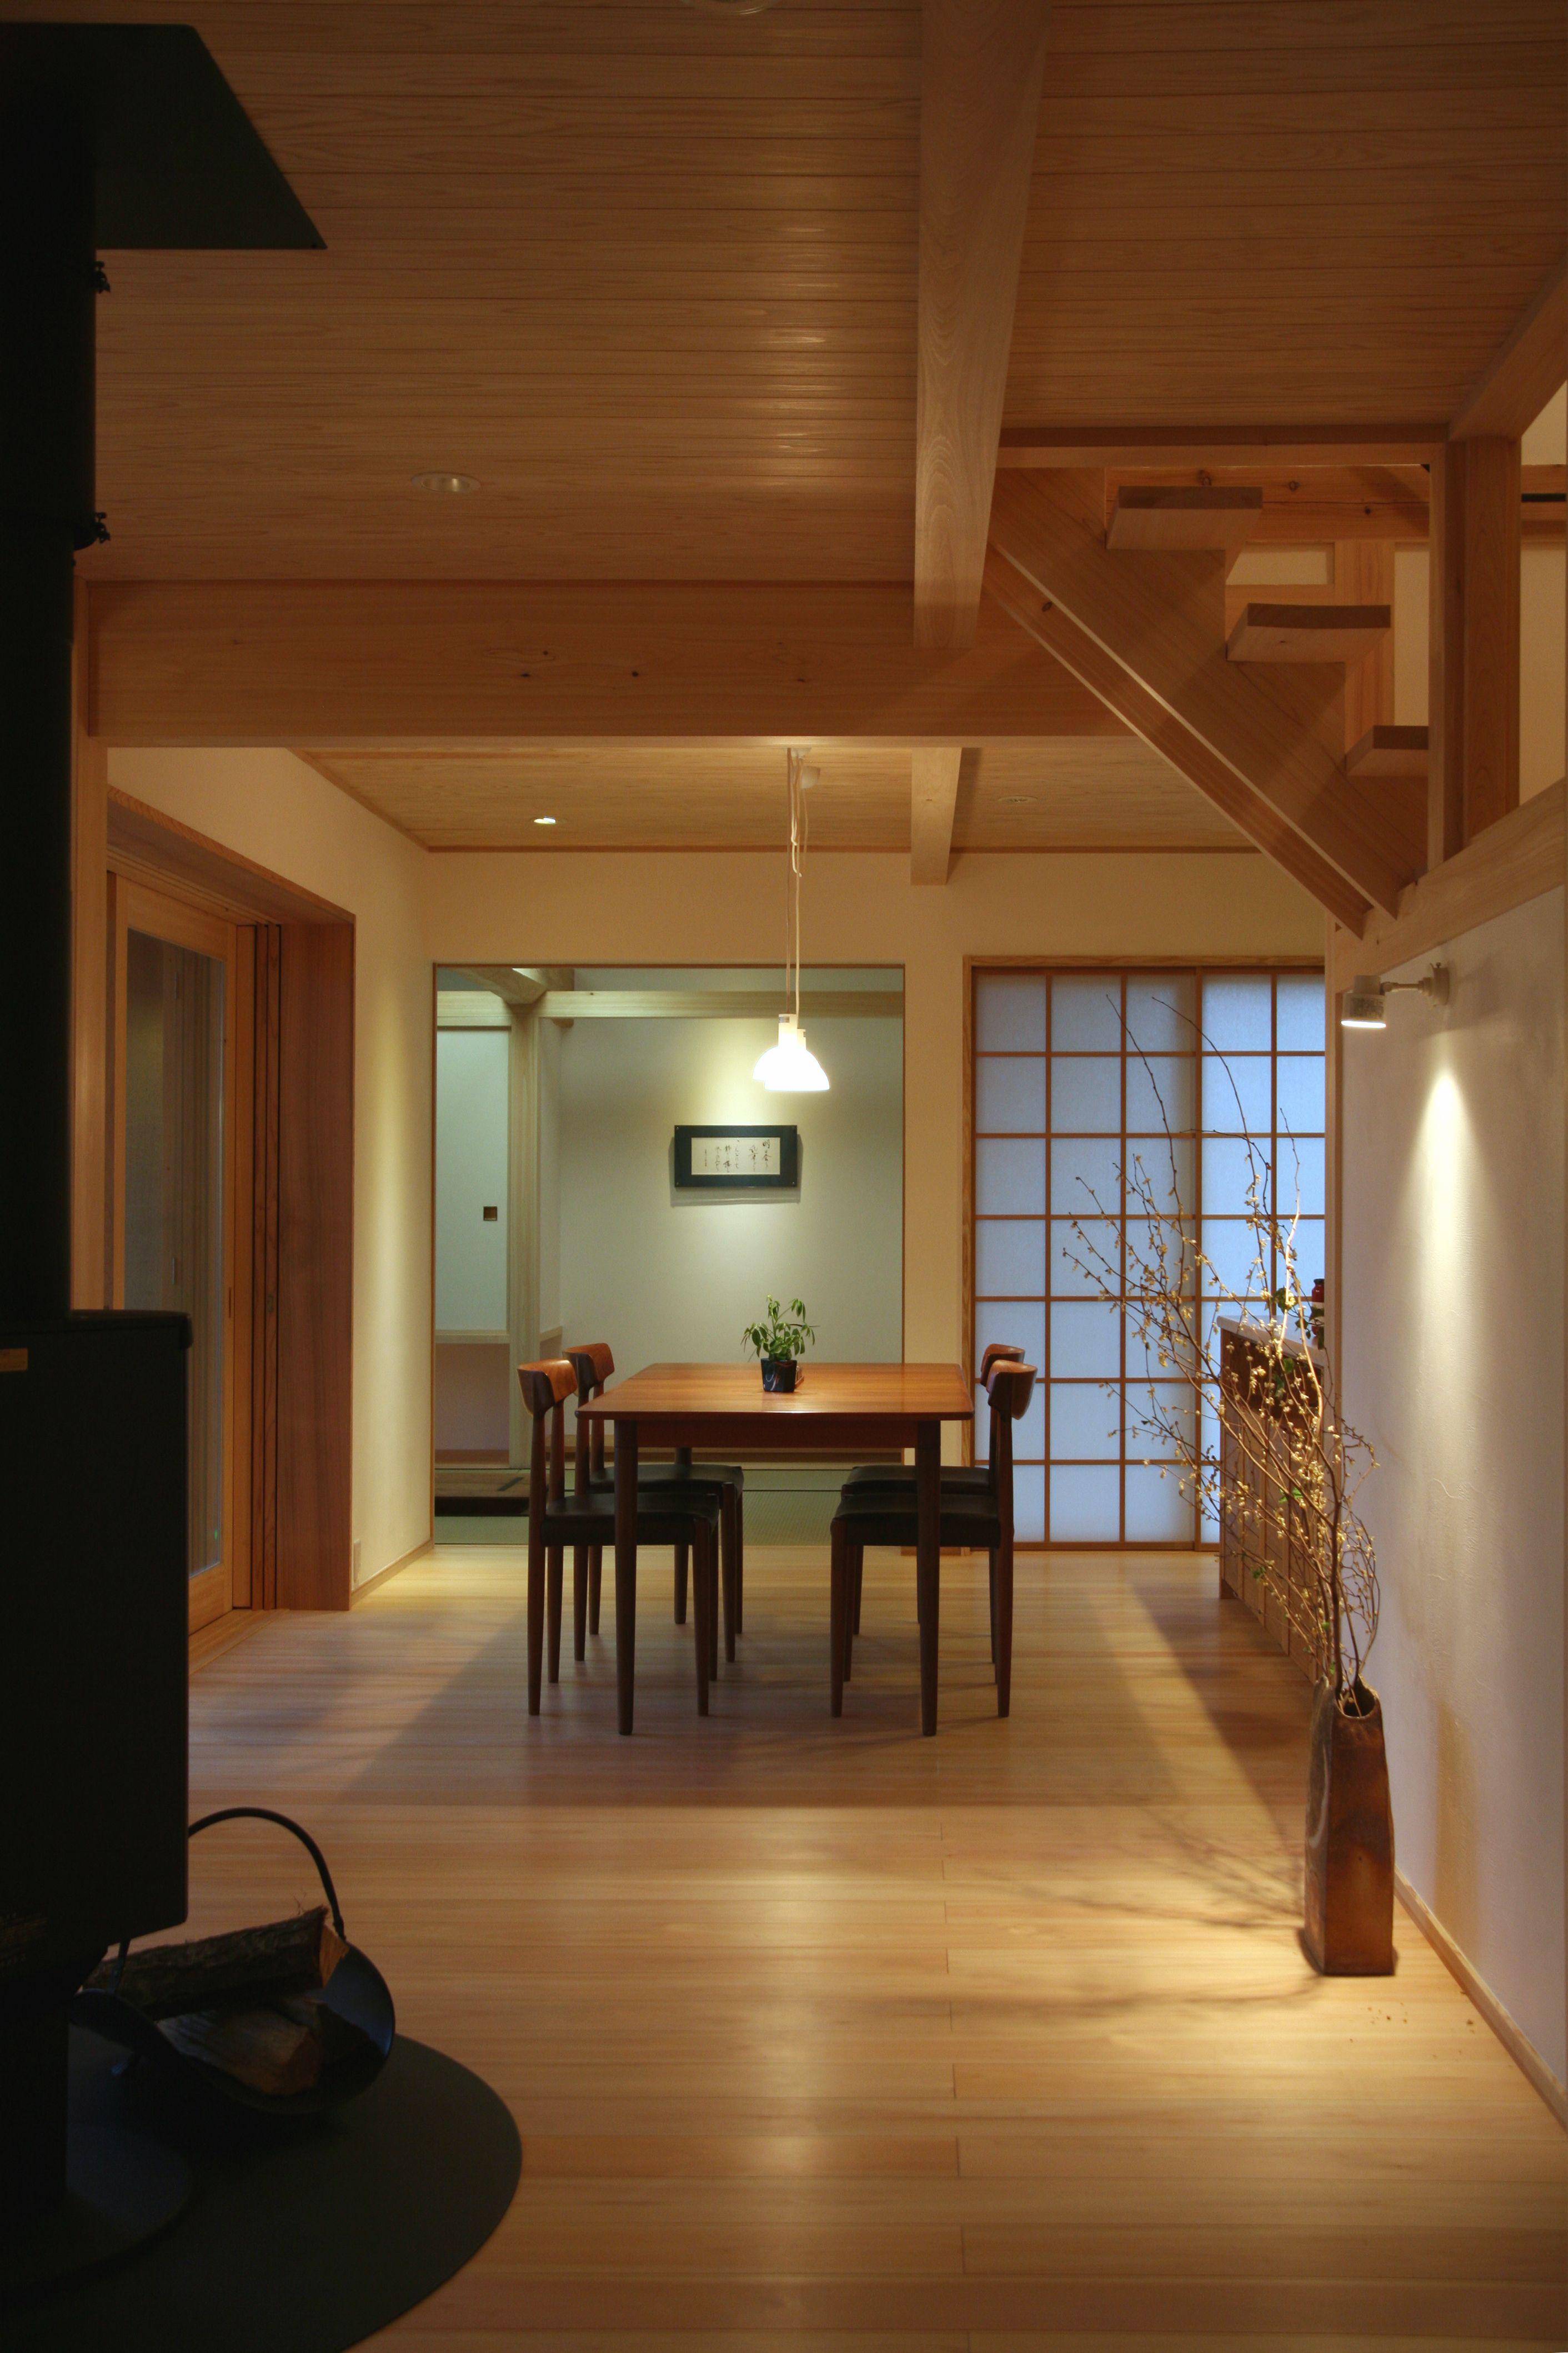 丸太の梁を組み入れた木の温かさあふれる家 ひだまりの森 各務原展示